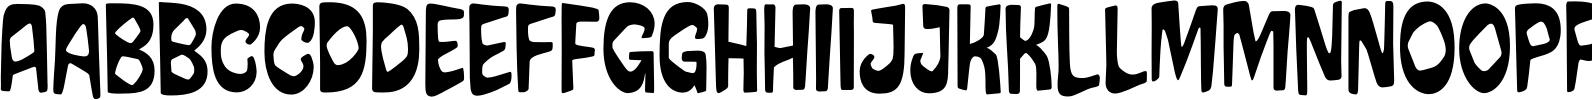 Pind-O-Rama